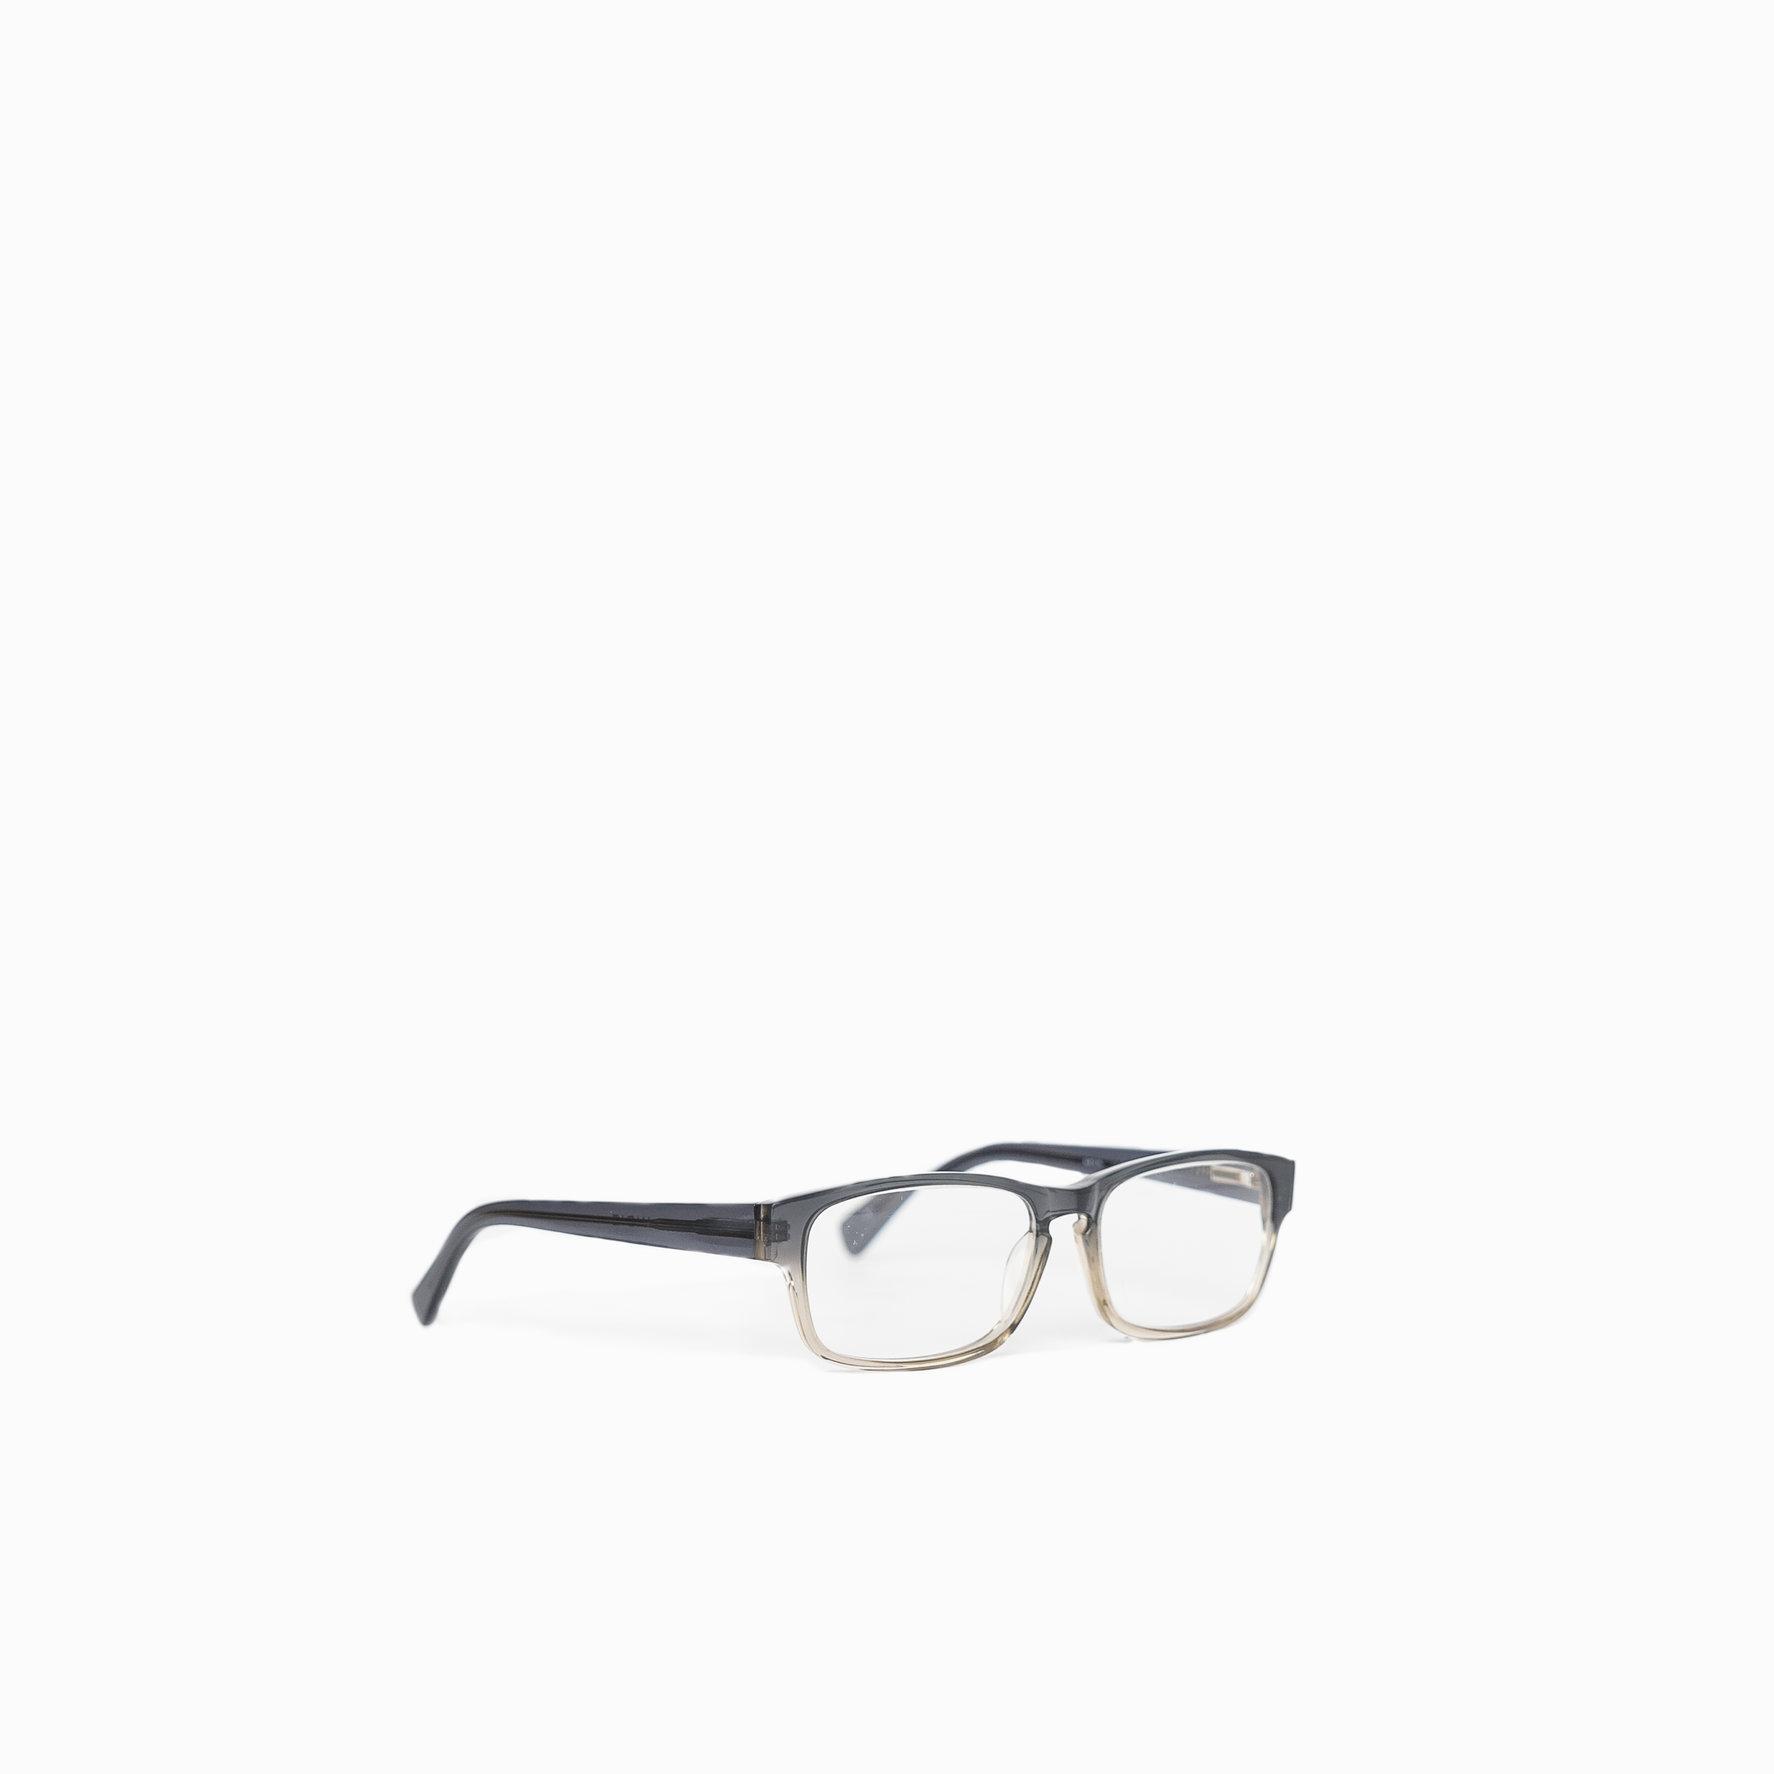 2016-4-Glasses.jpg